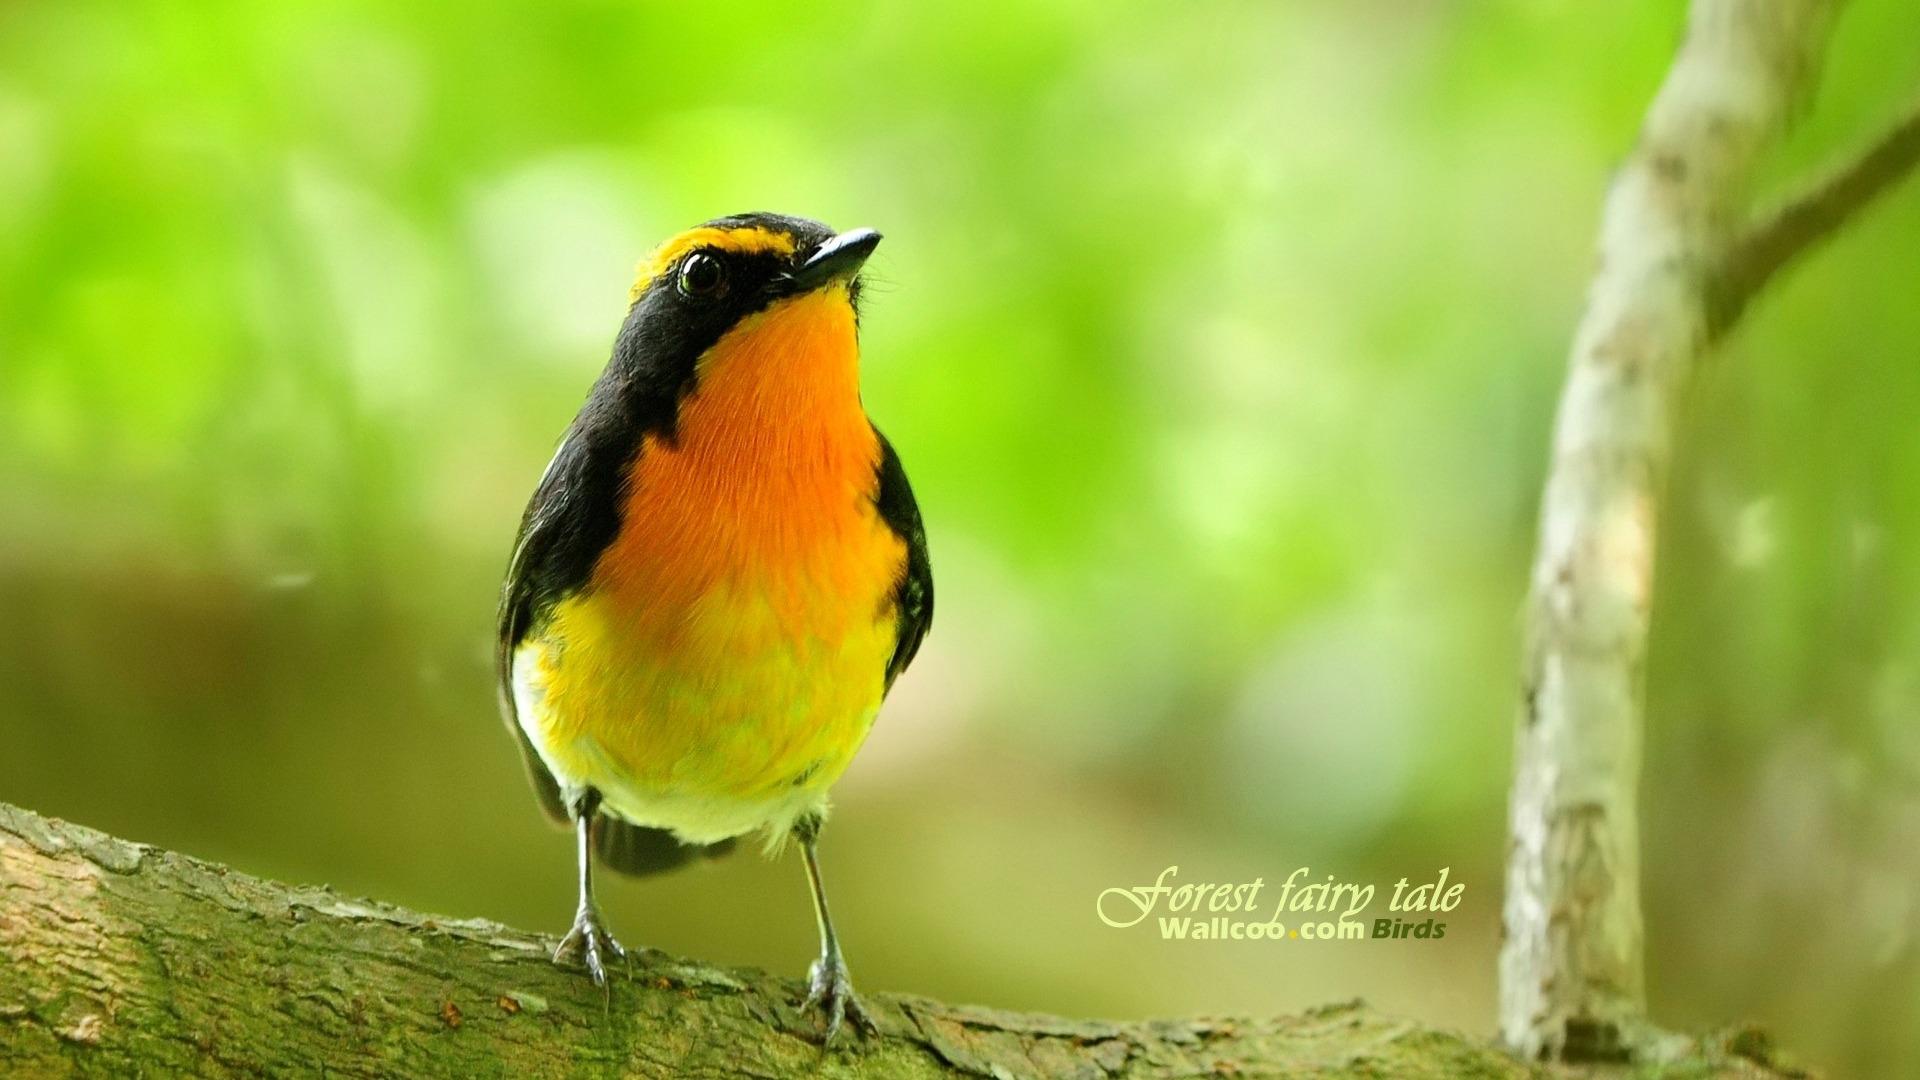 Beau papier peint des oiseaux au printemps 13 1920x1080 fond d 39 cran t l charger beau - Taille du pecher au printemps ...